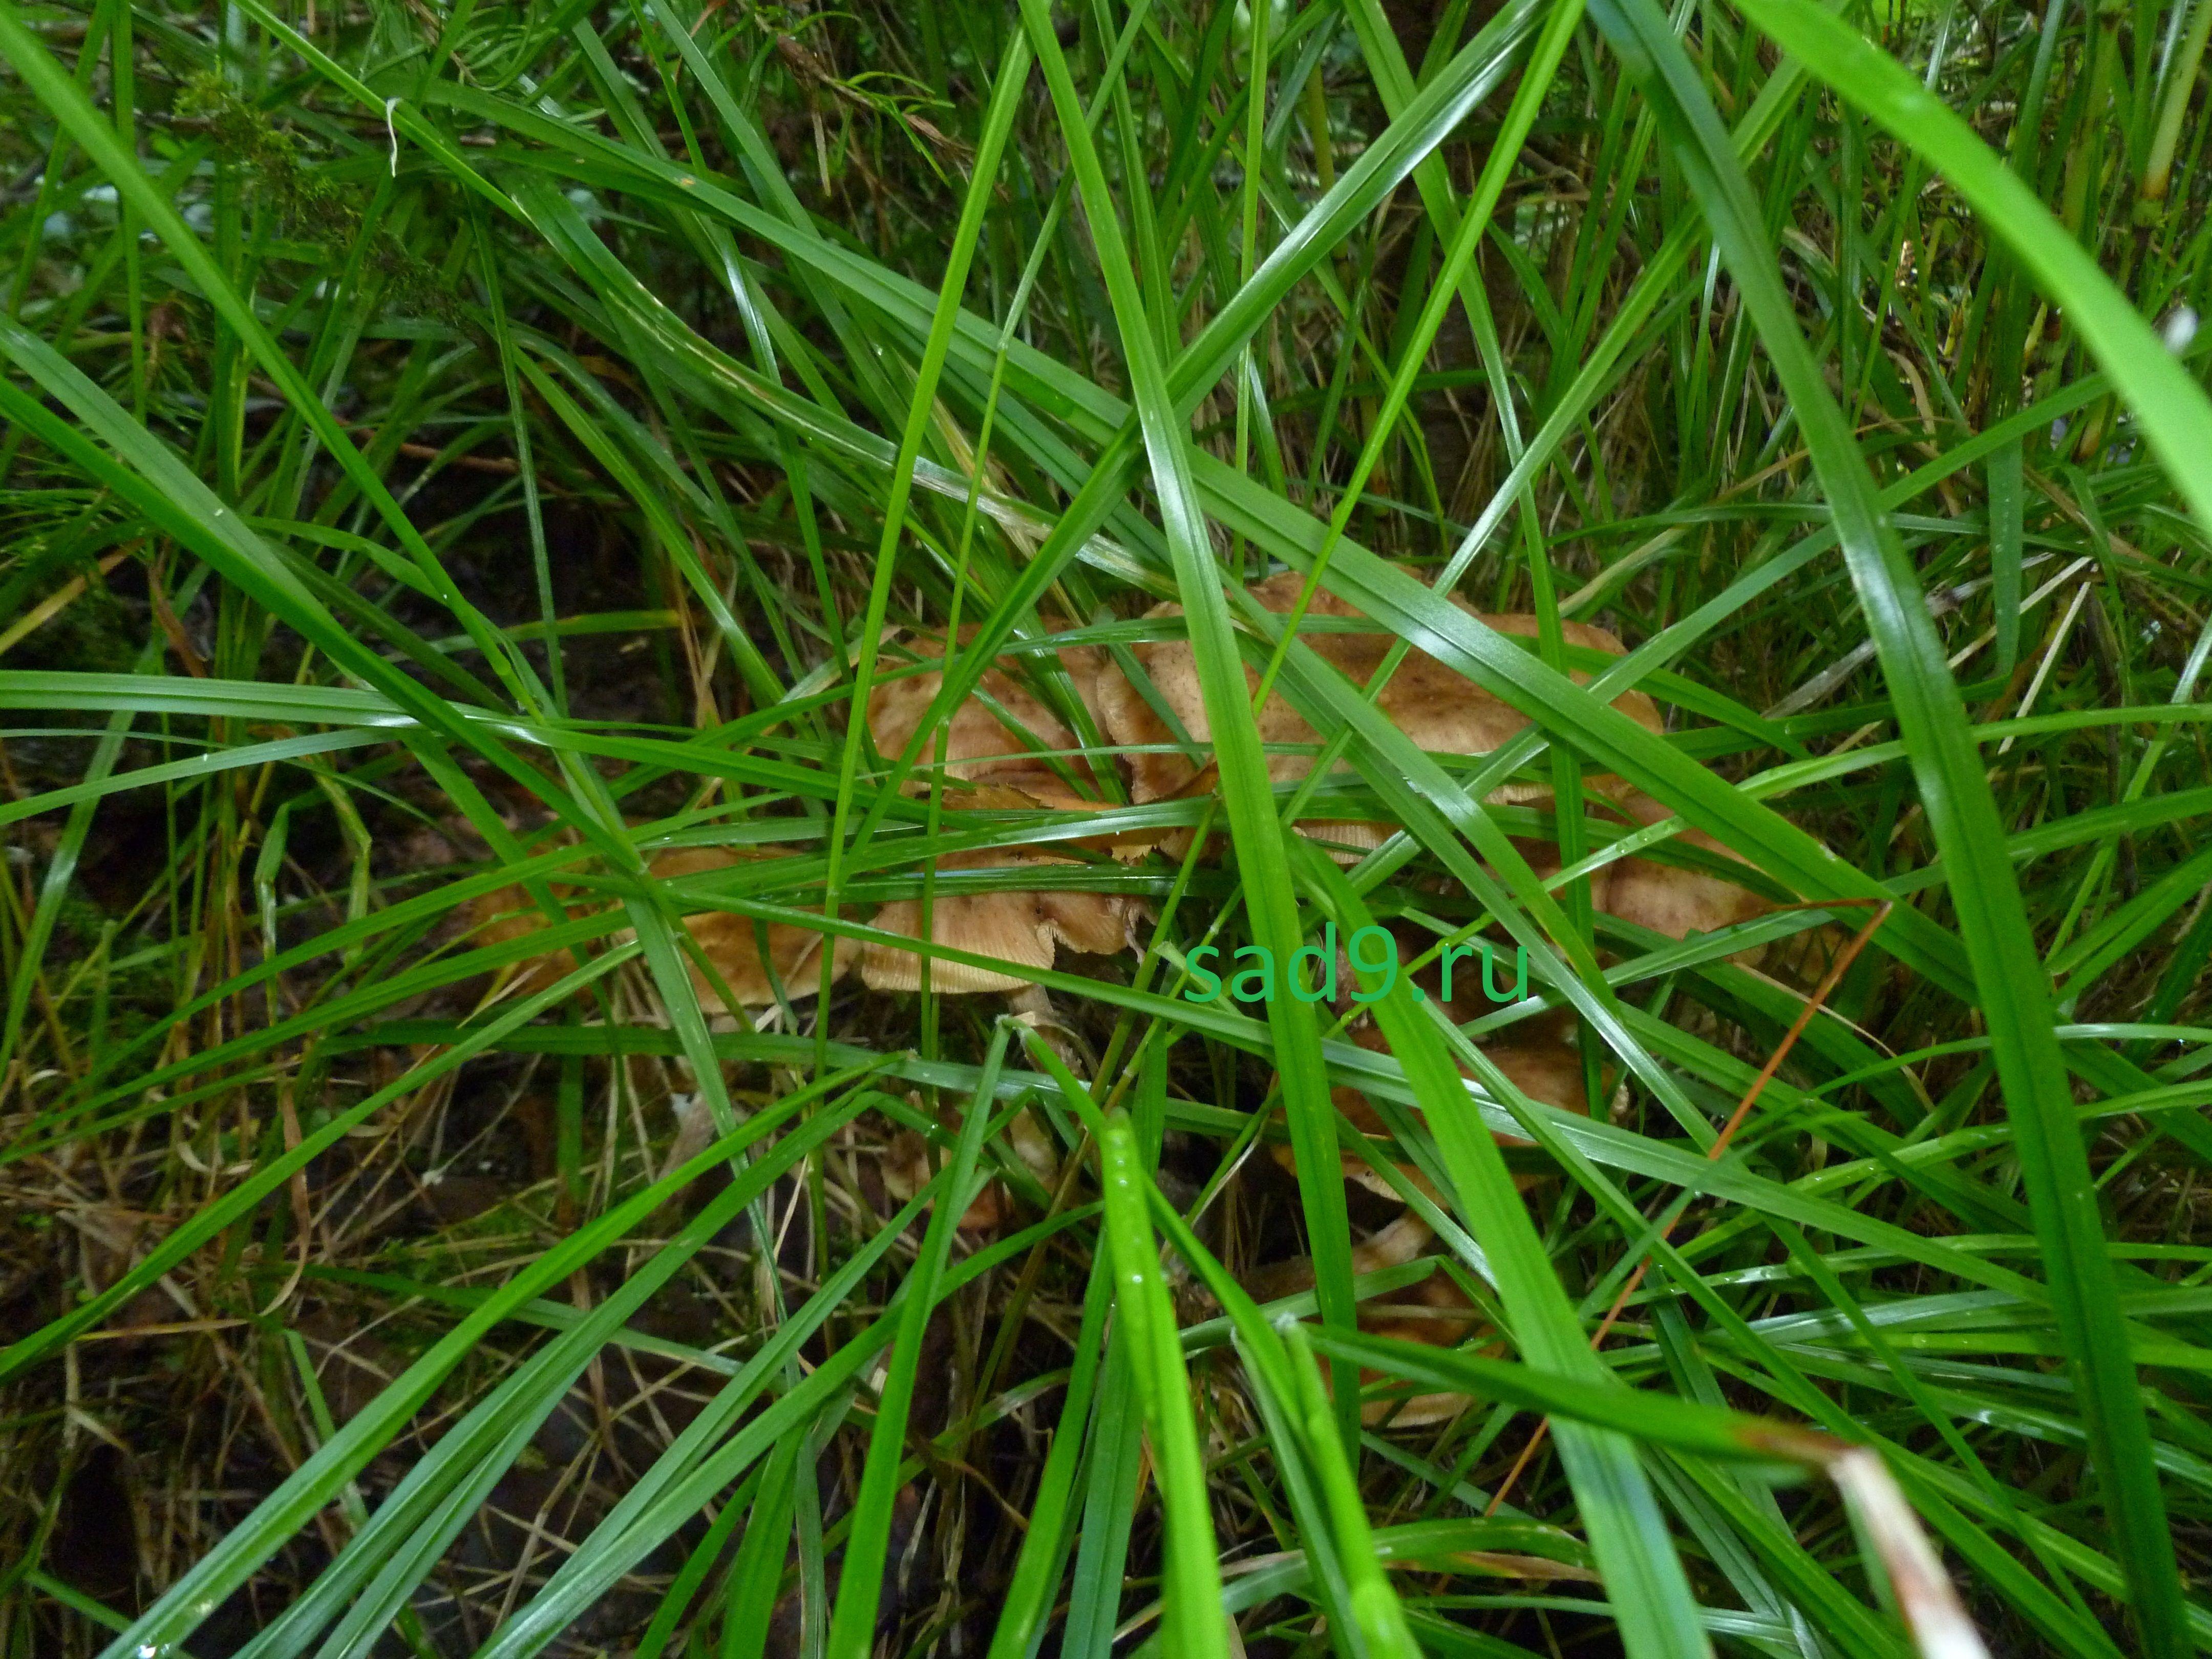 Съедобные грибы красивые фото - опята